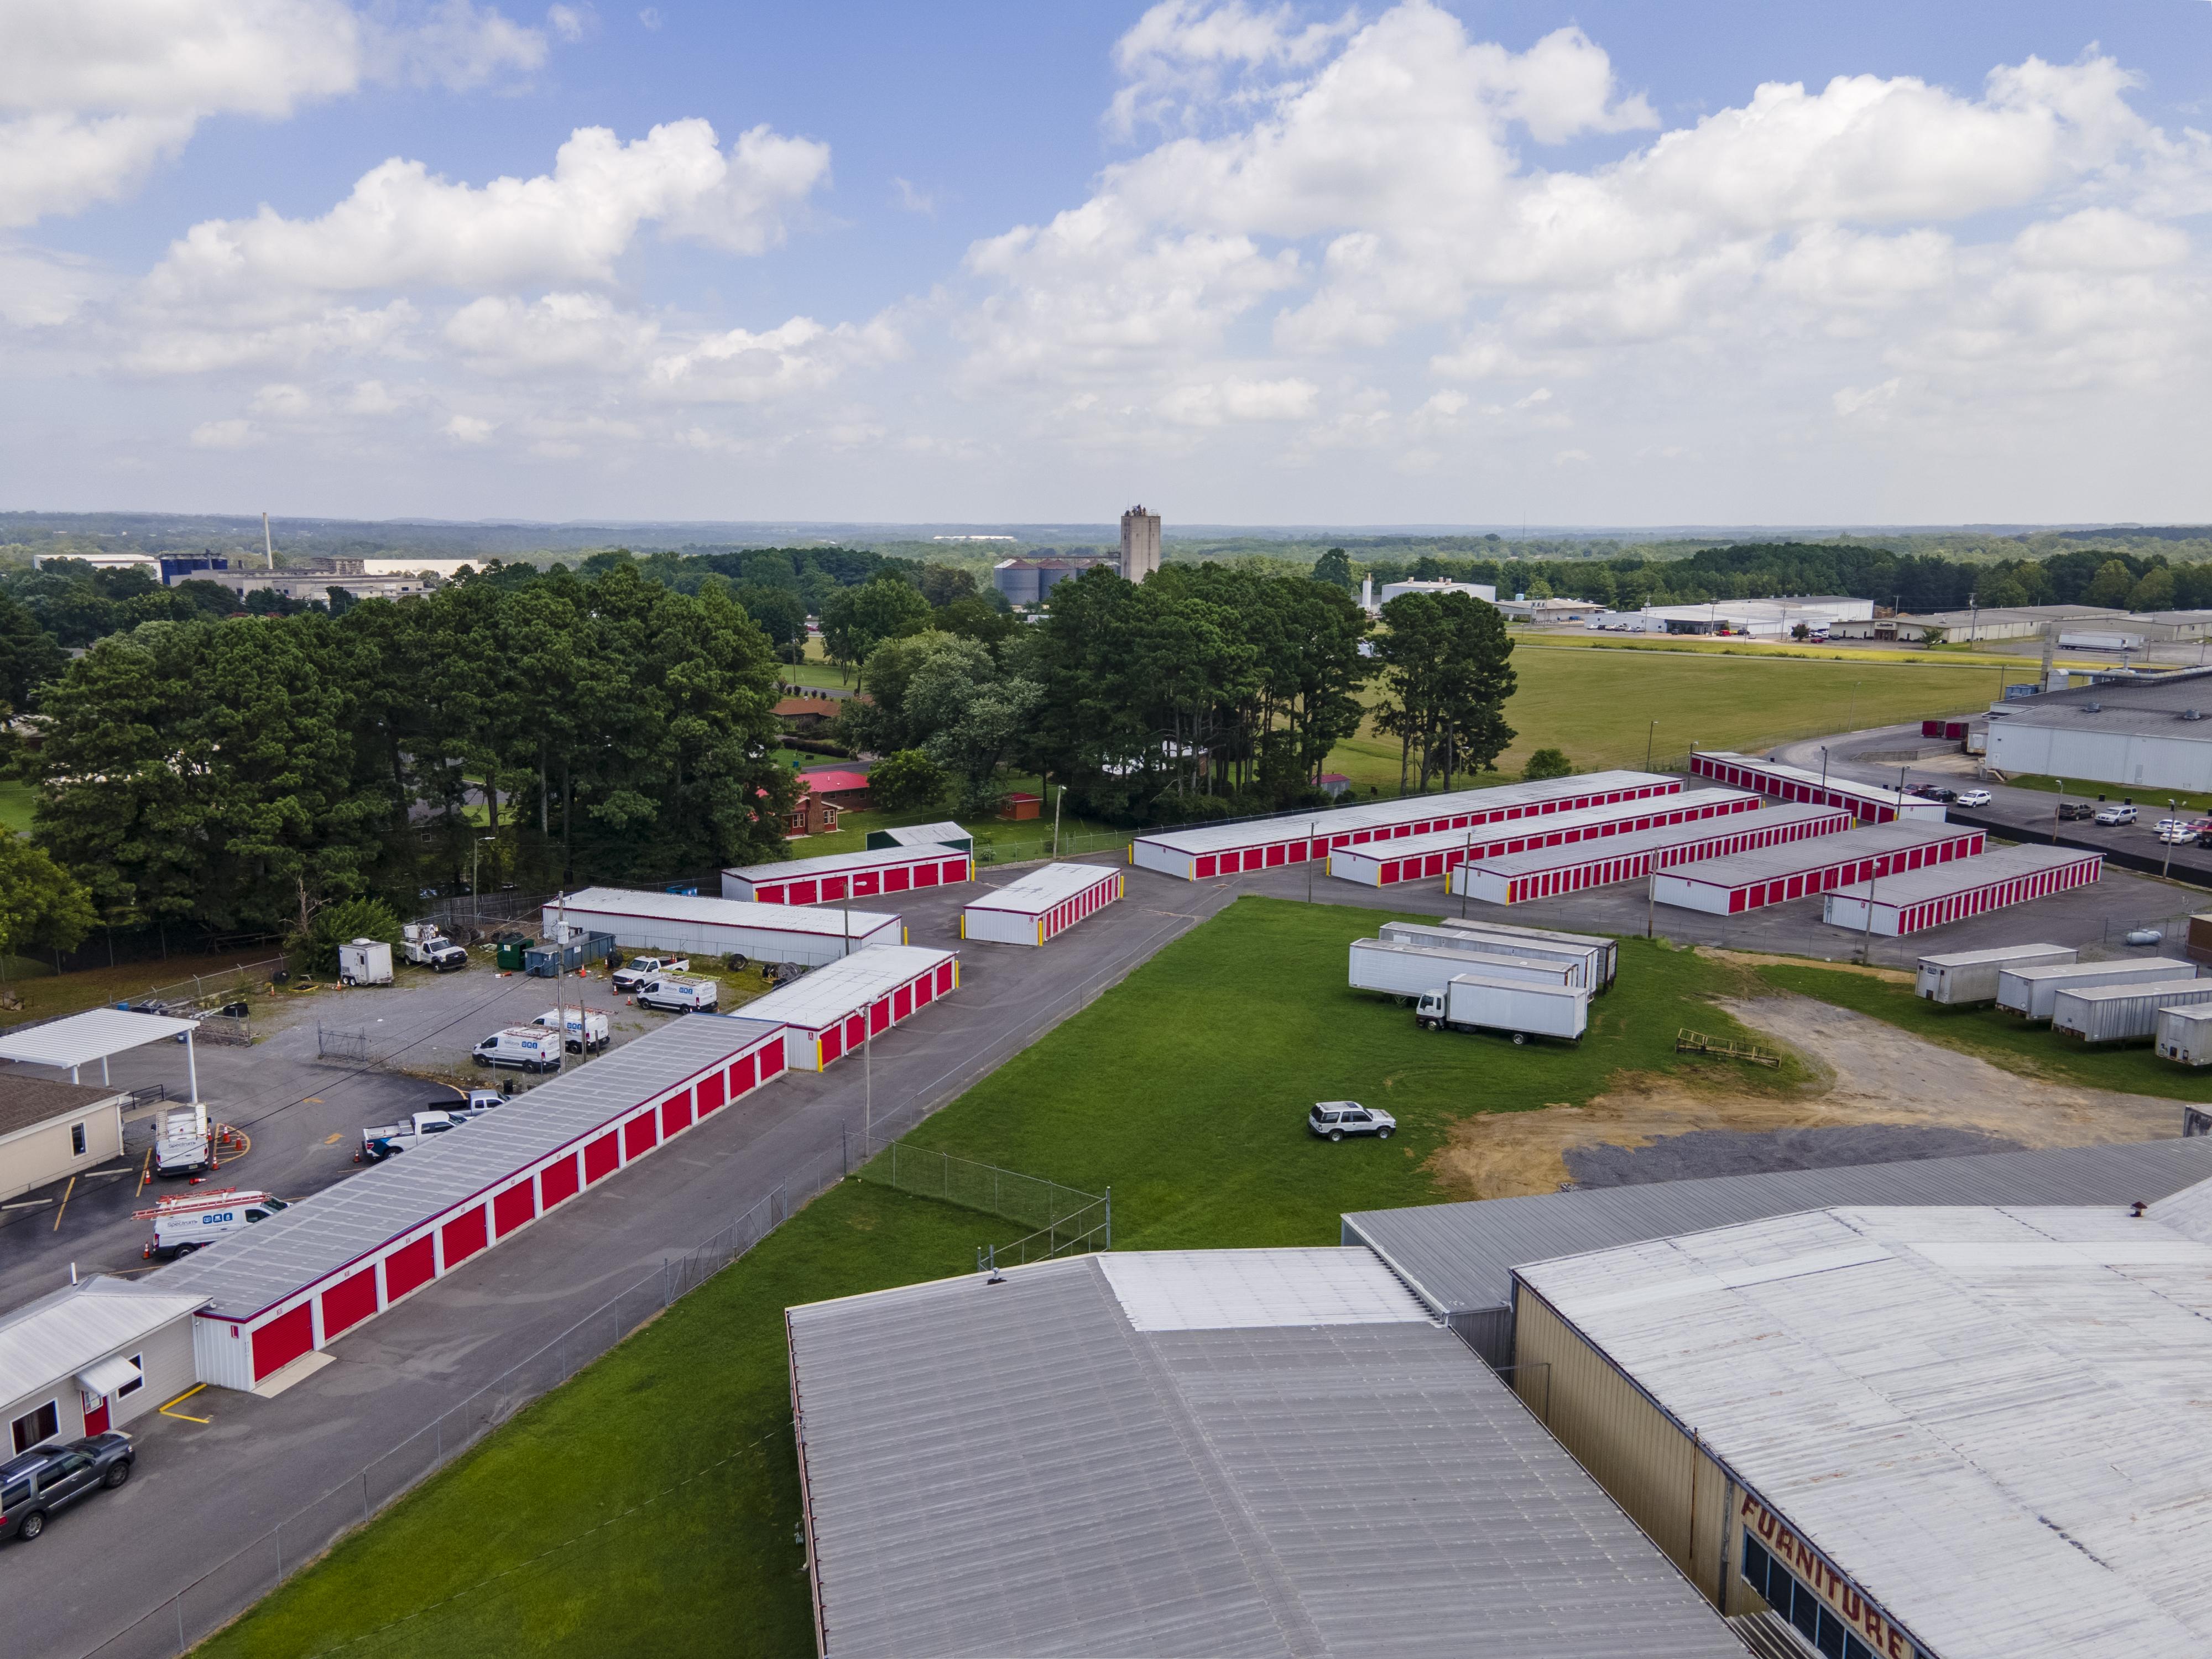 Albertville Express Storage in Albertville, AL